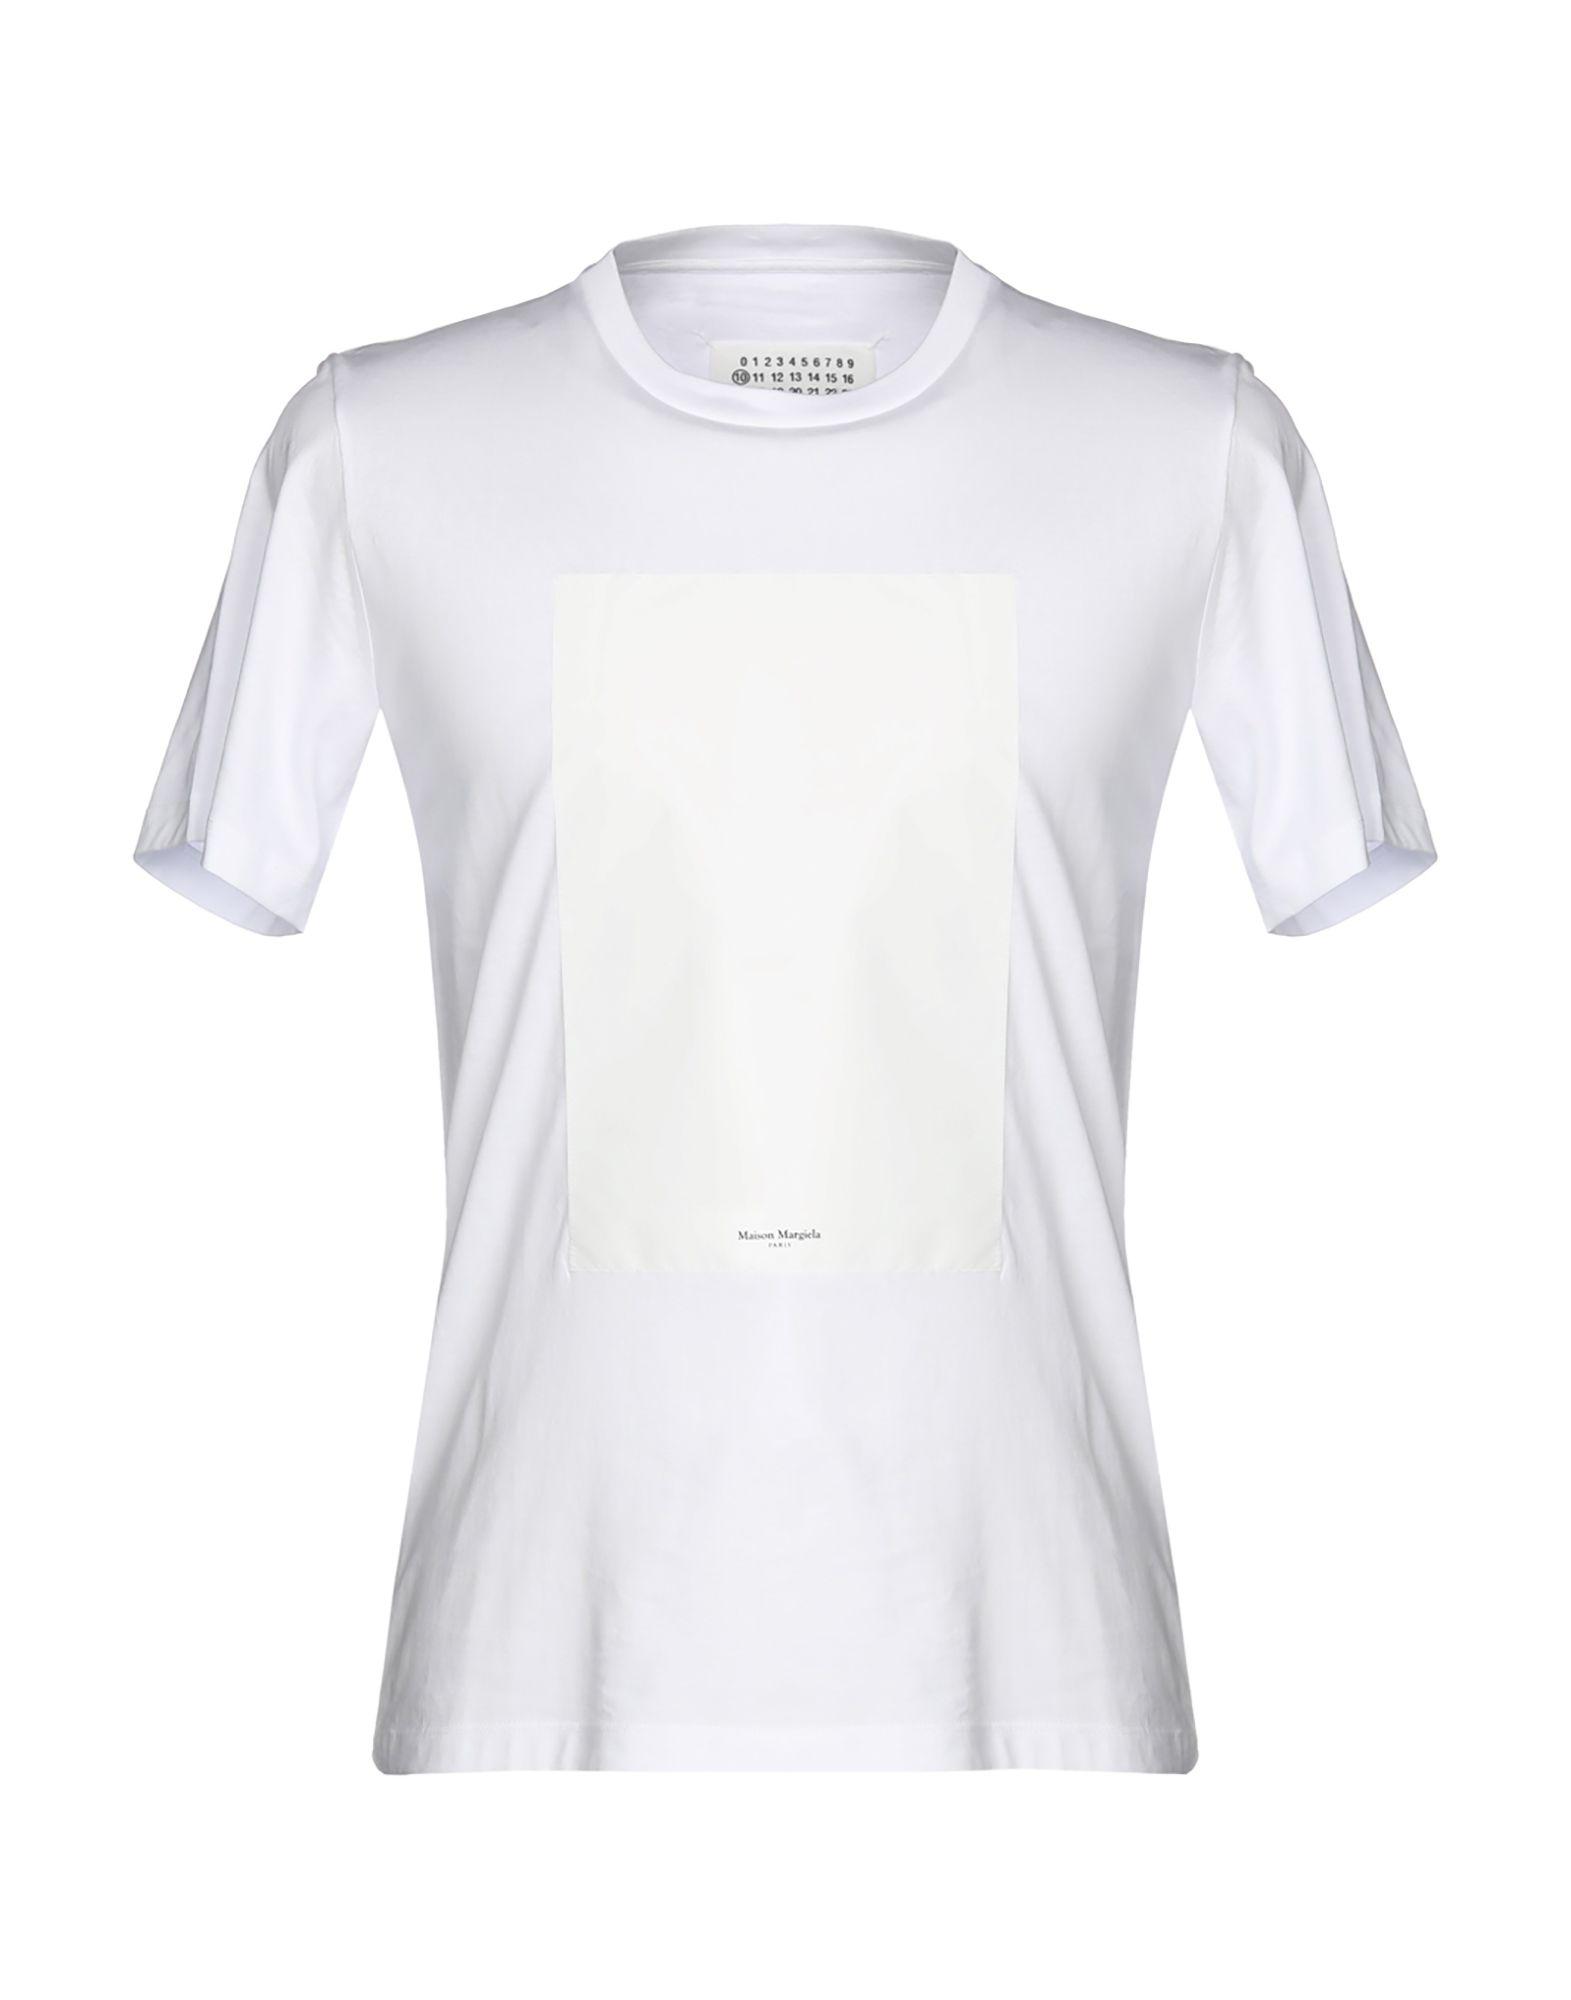 T-Shirt Maison Margiela herren - 12232633GA